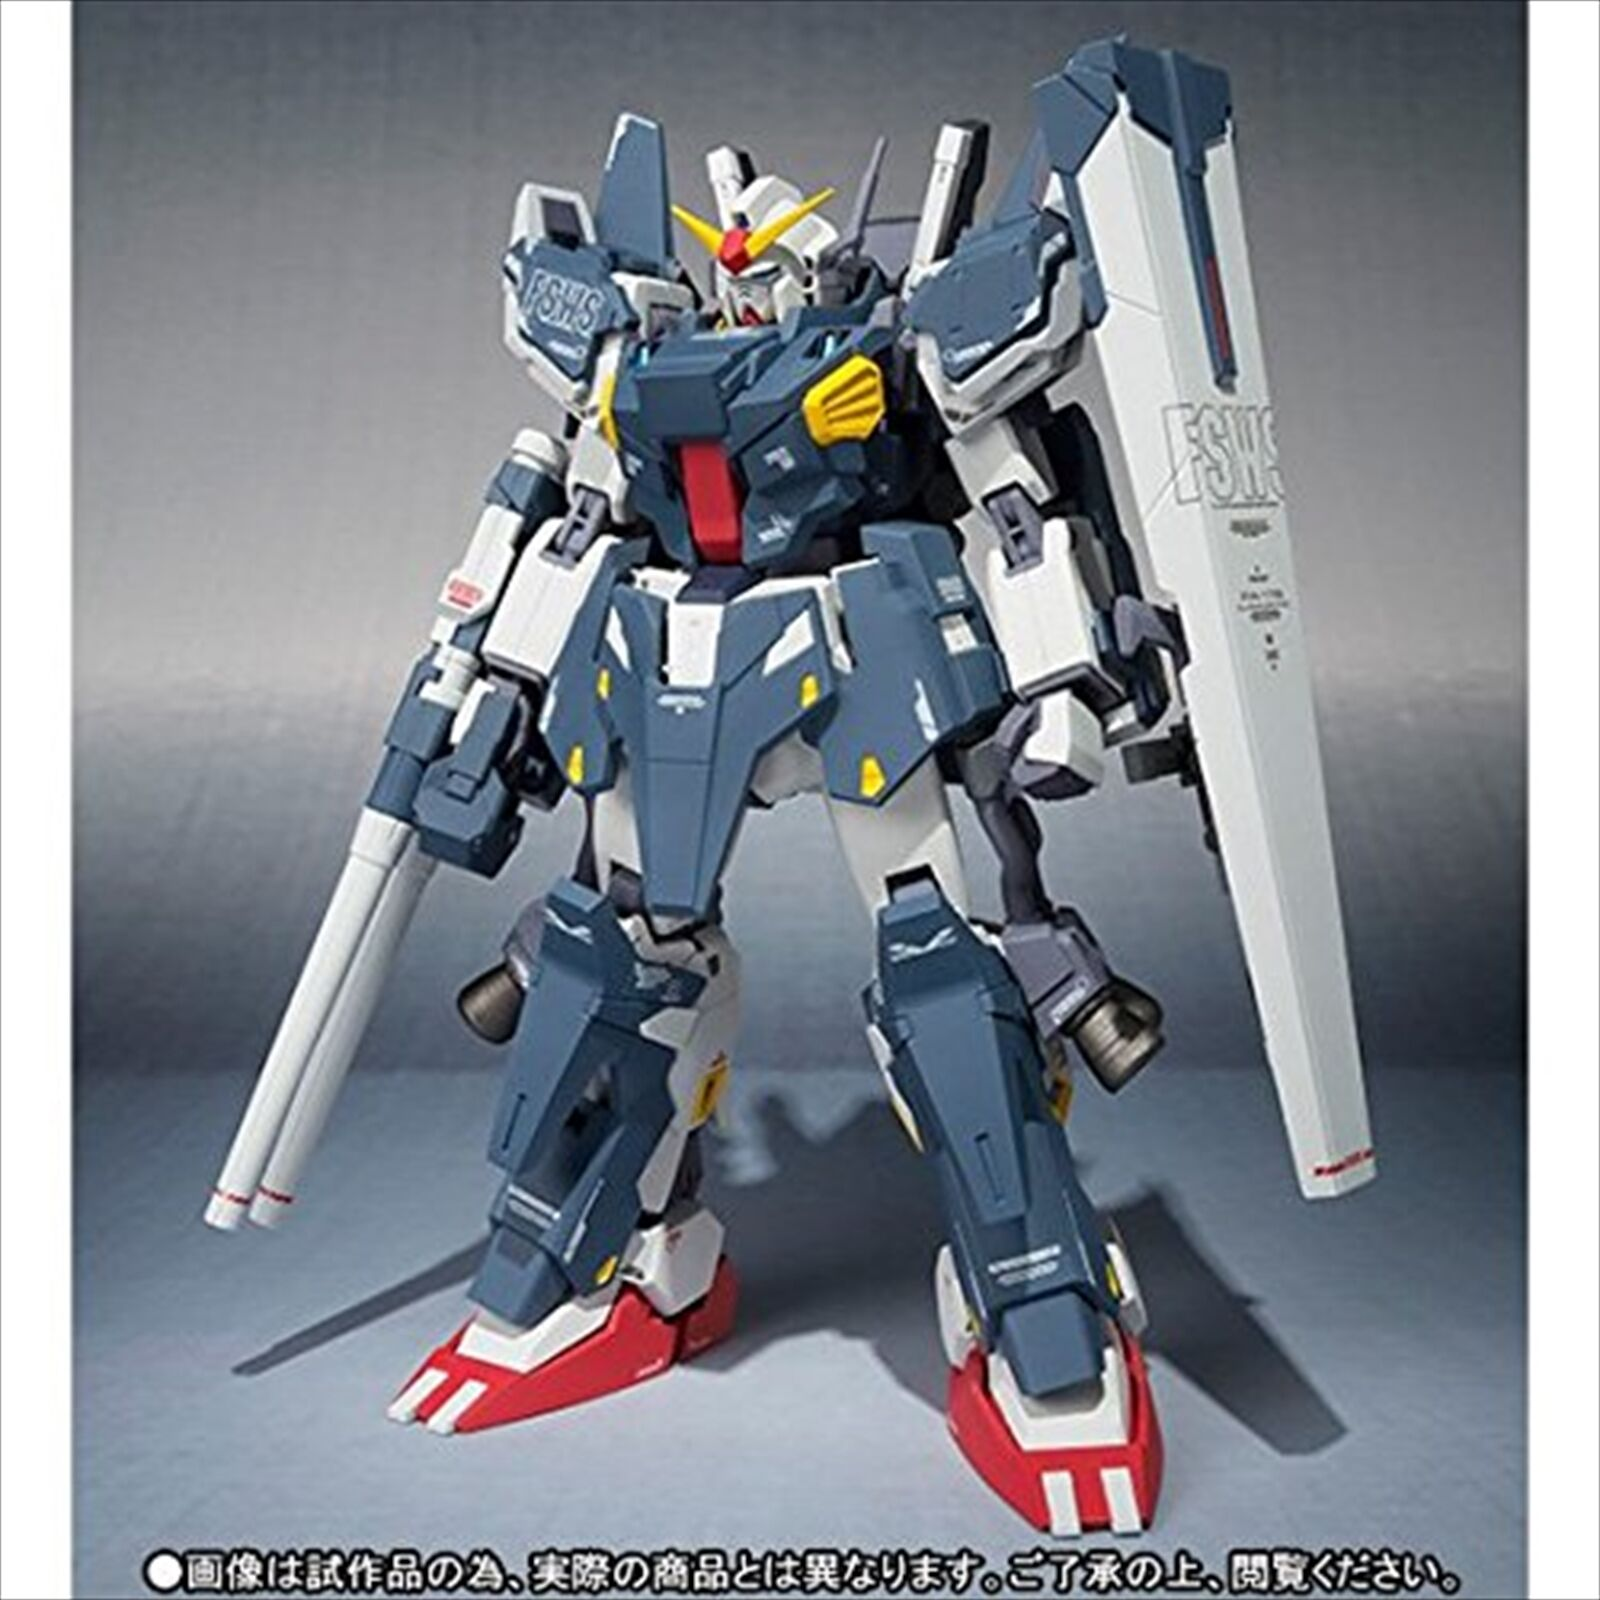 Bandai Robot Spirits Full Armor Gundam Mk-Ii Figura De Acción